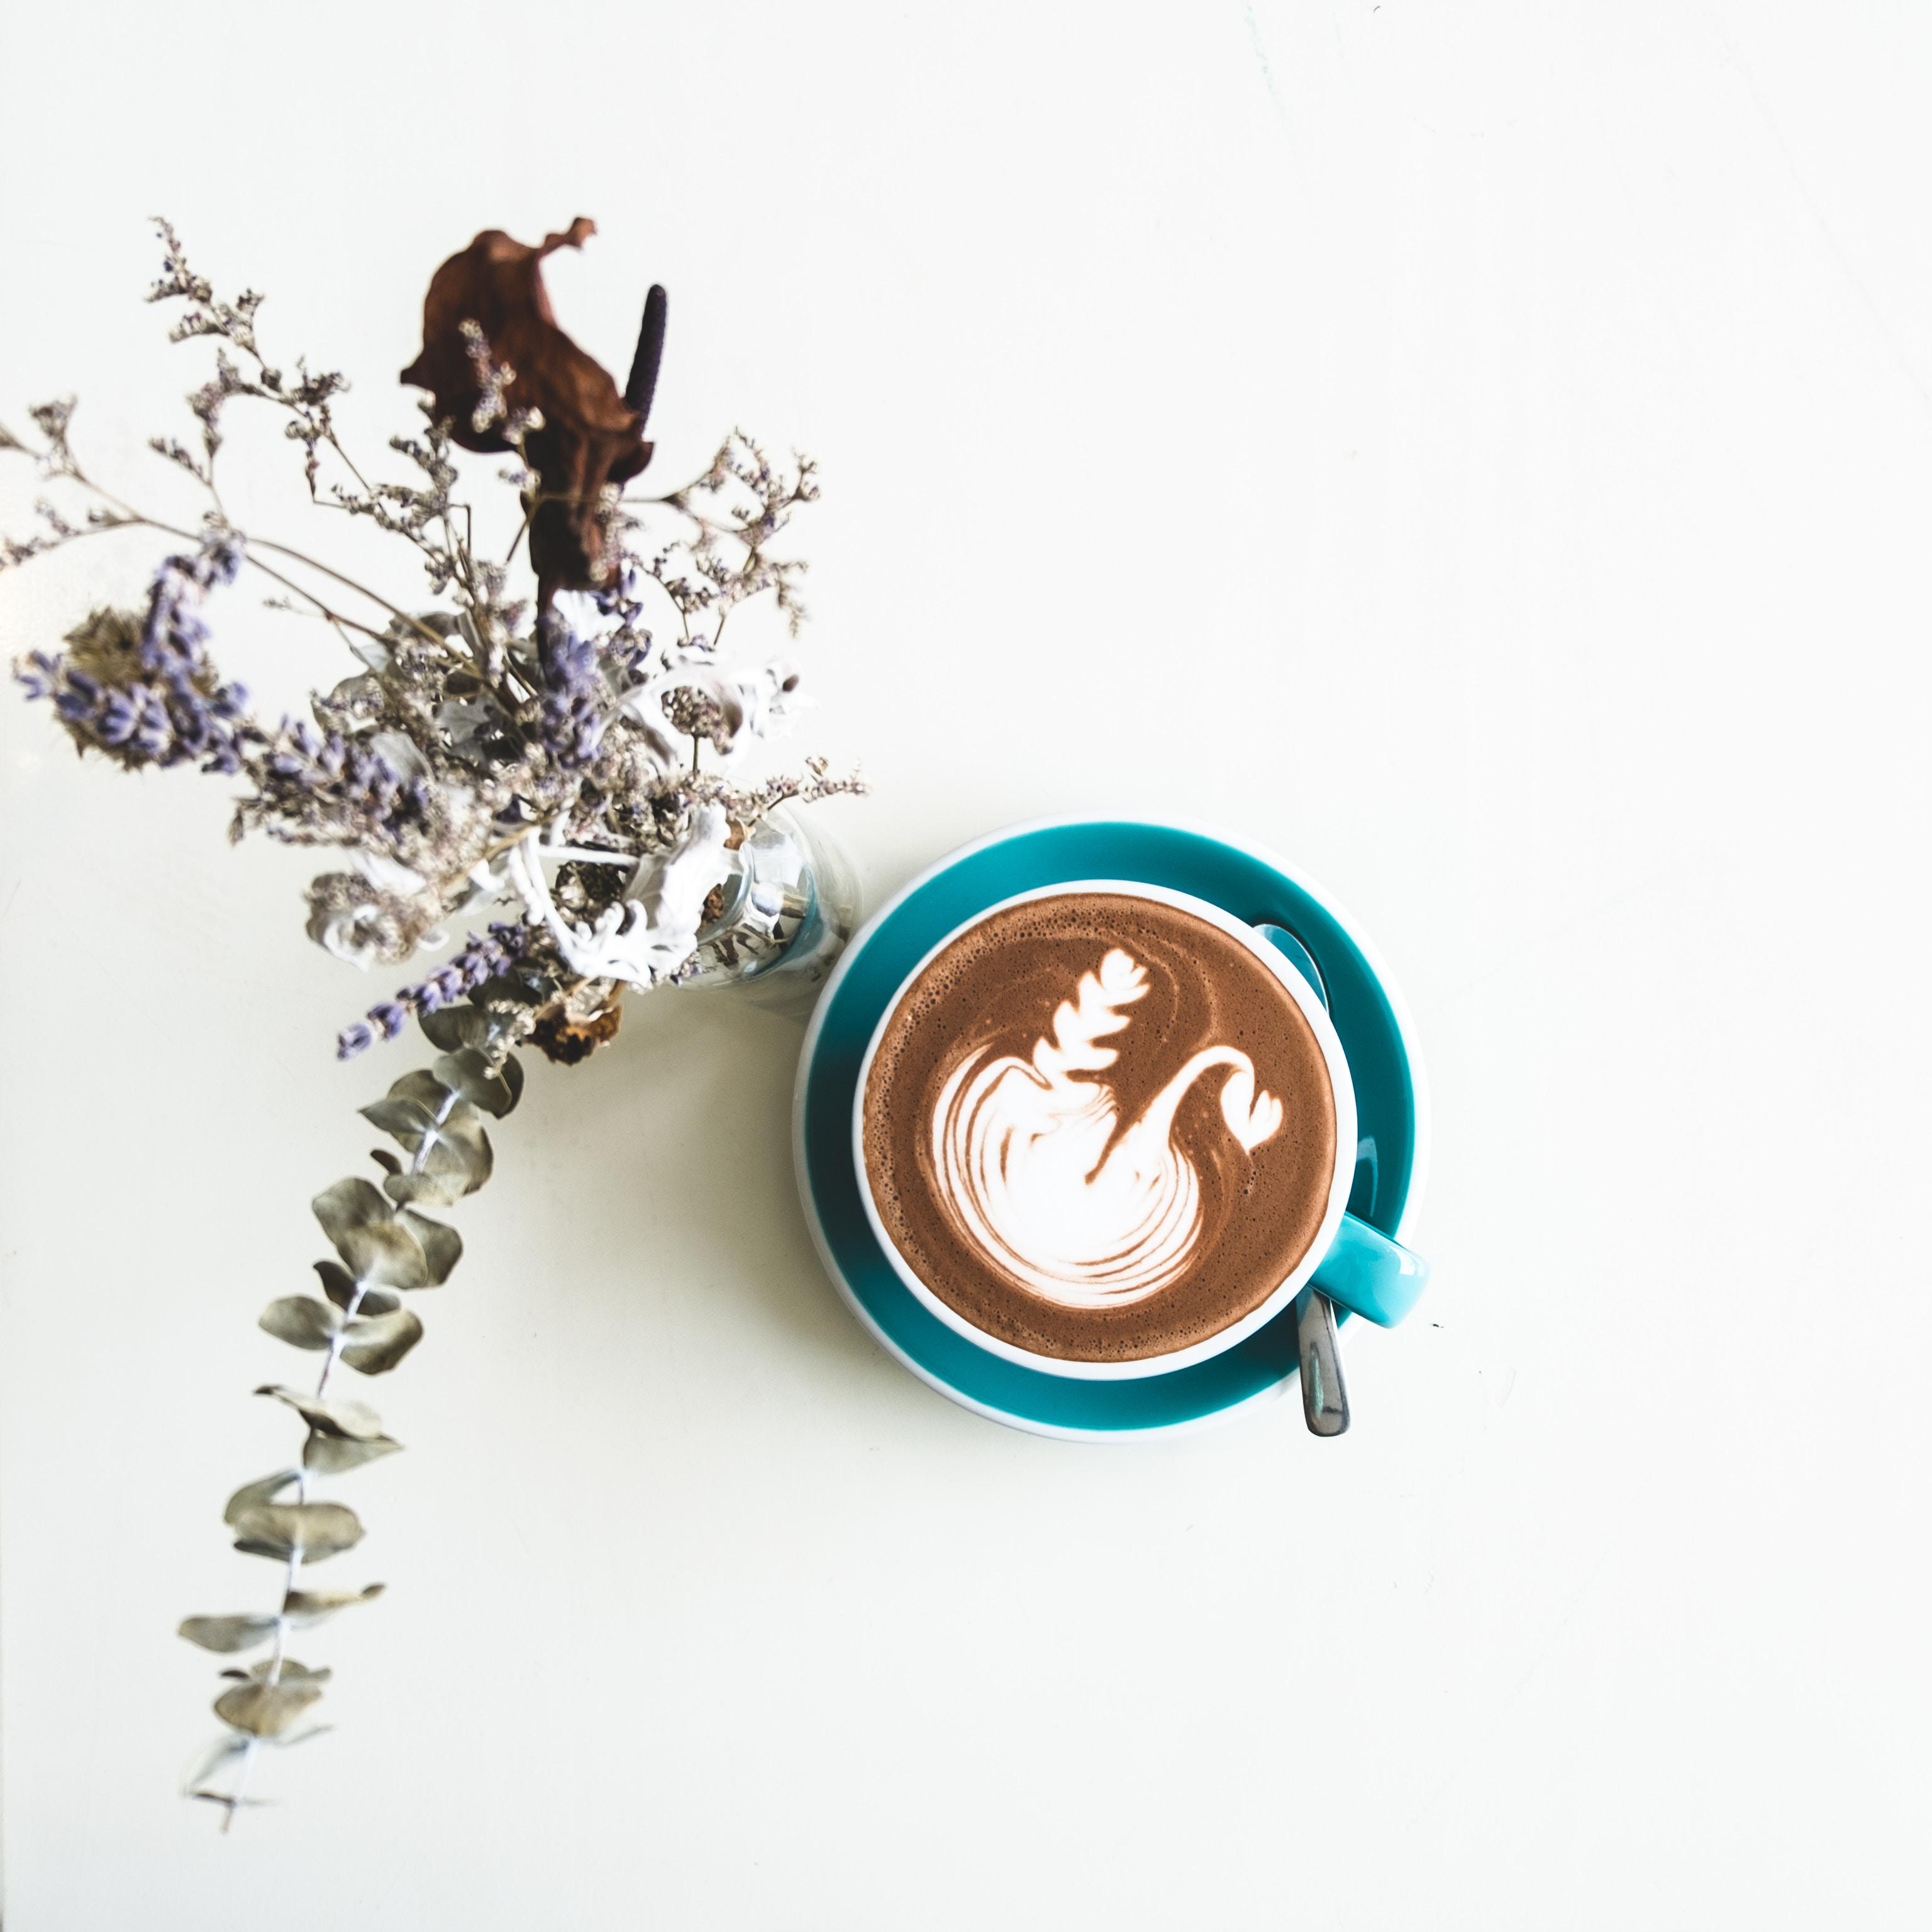 latte art, kawa z mlekiem